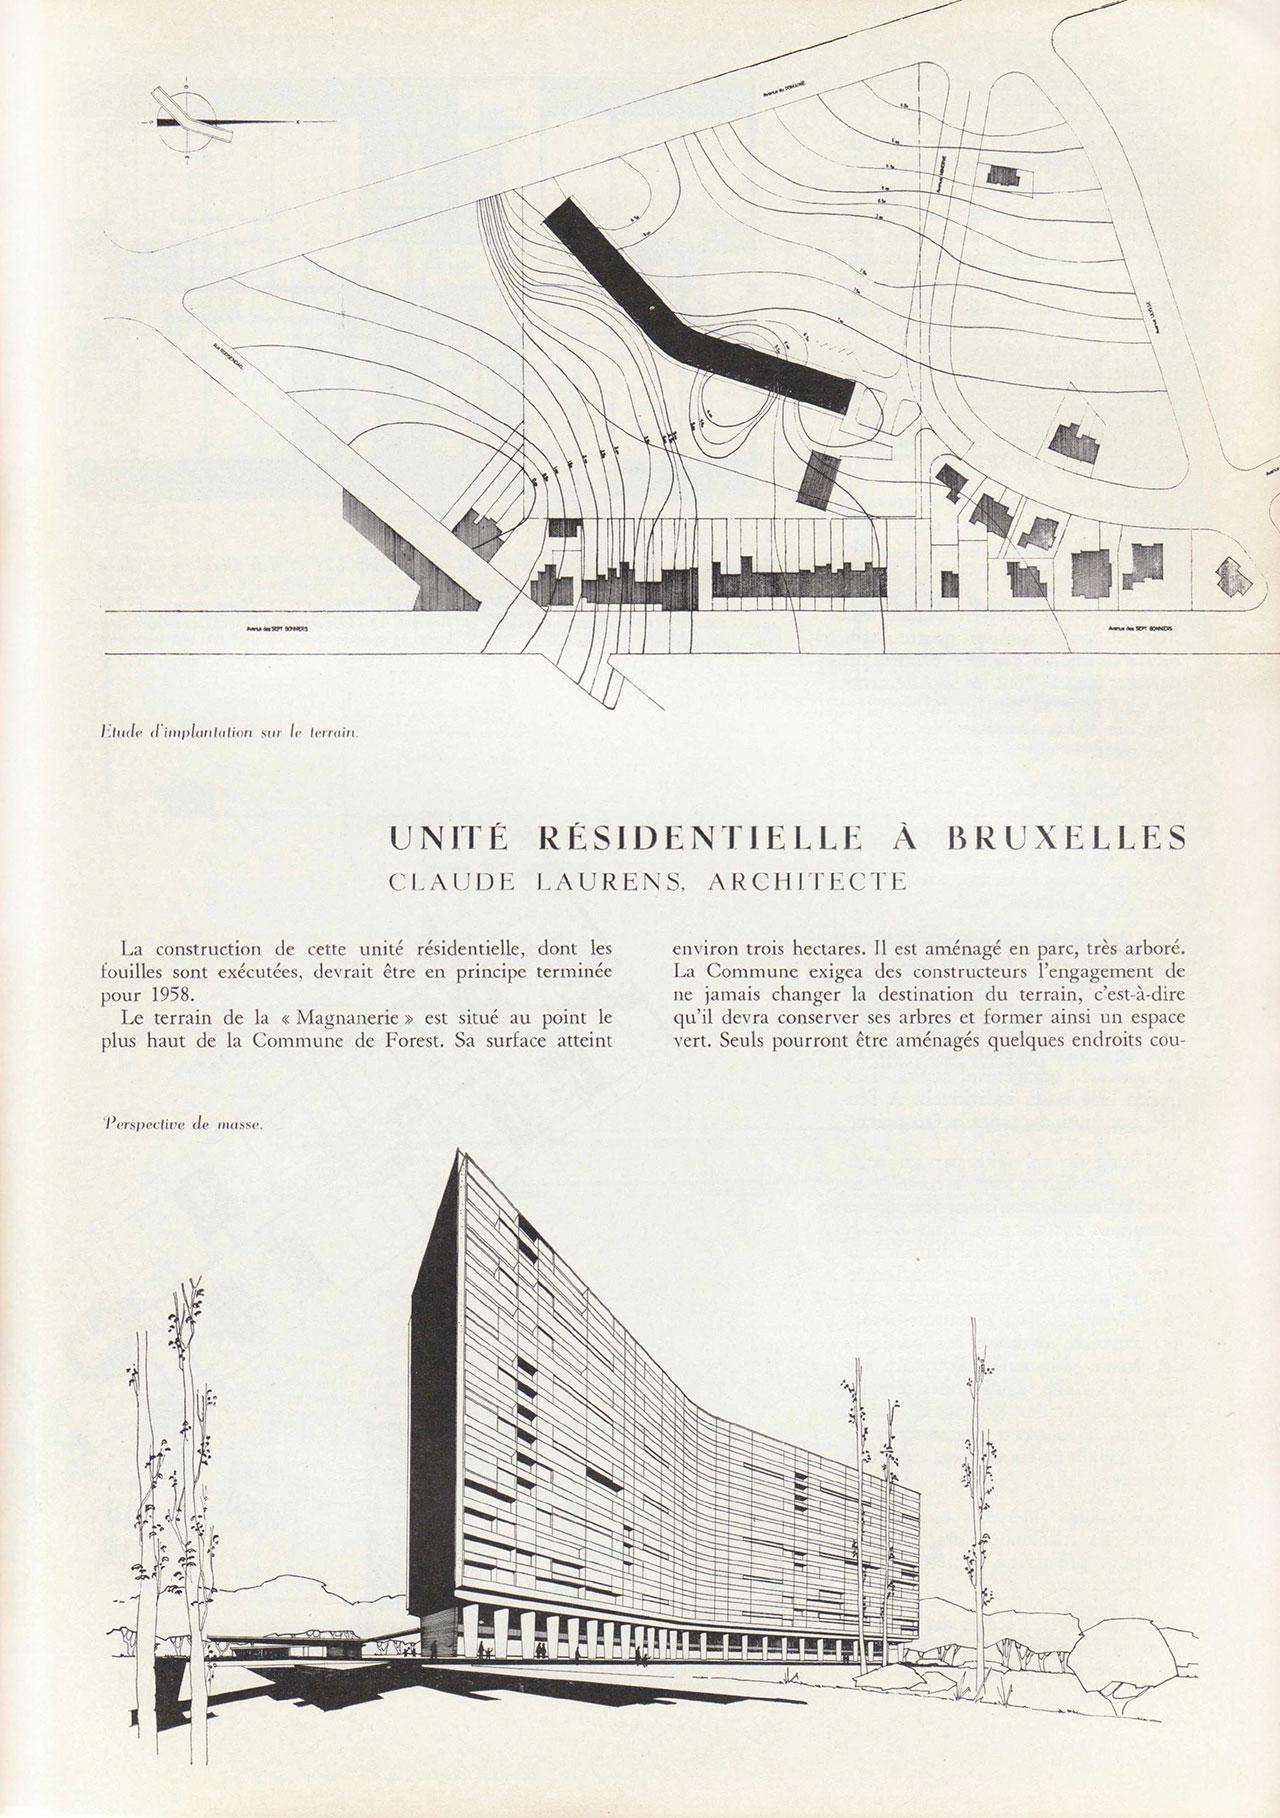 Unité résidentielle à Bruxelles